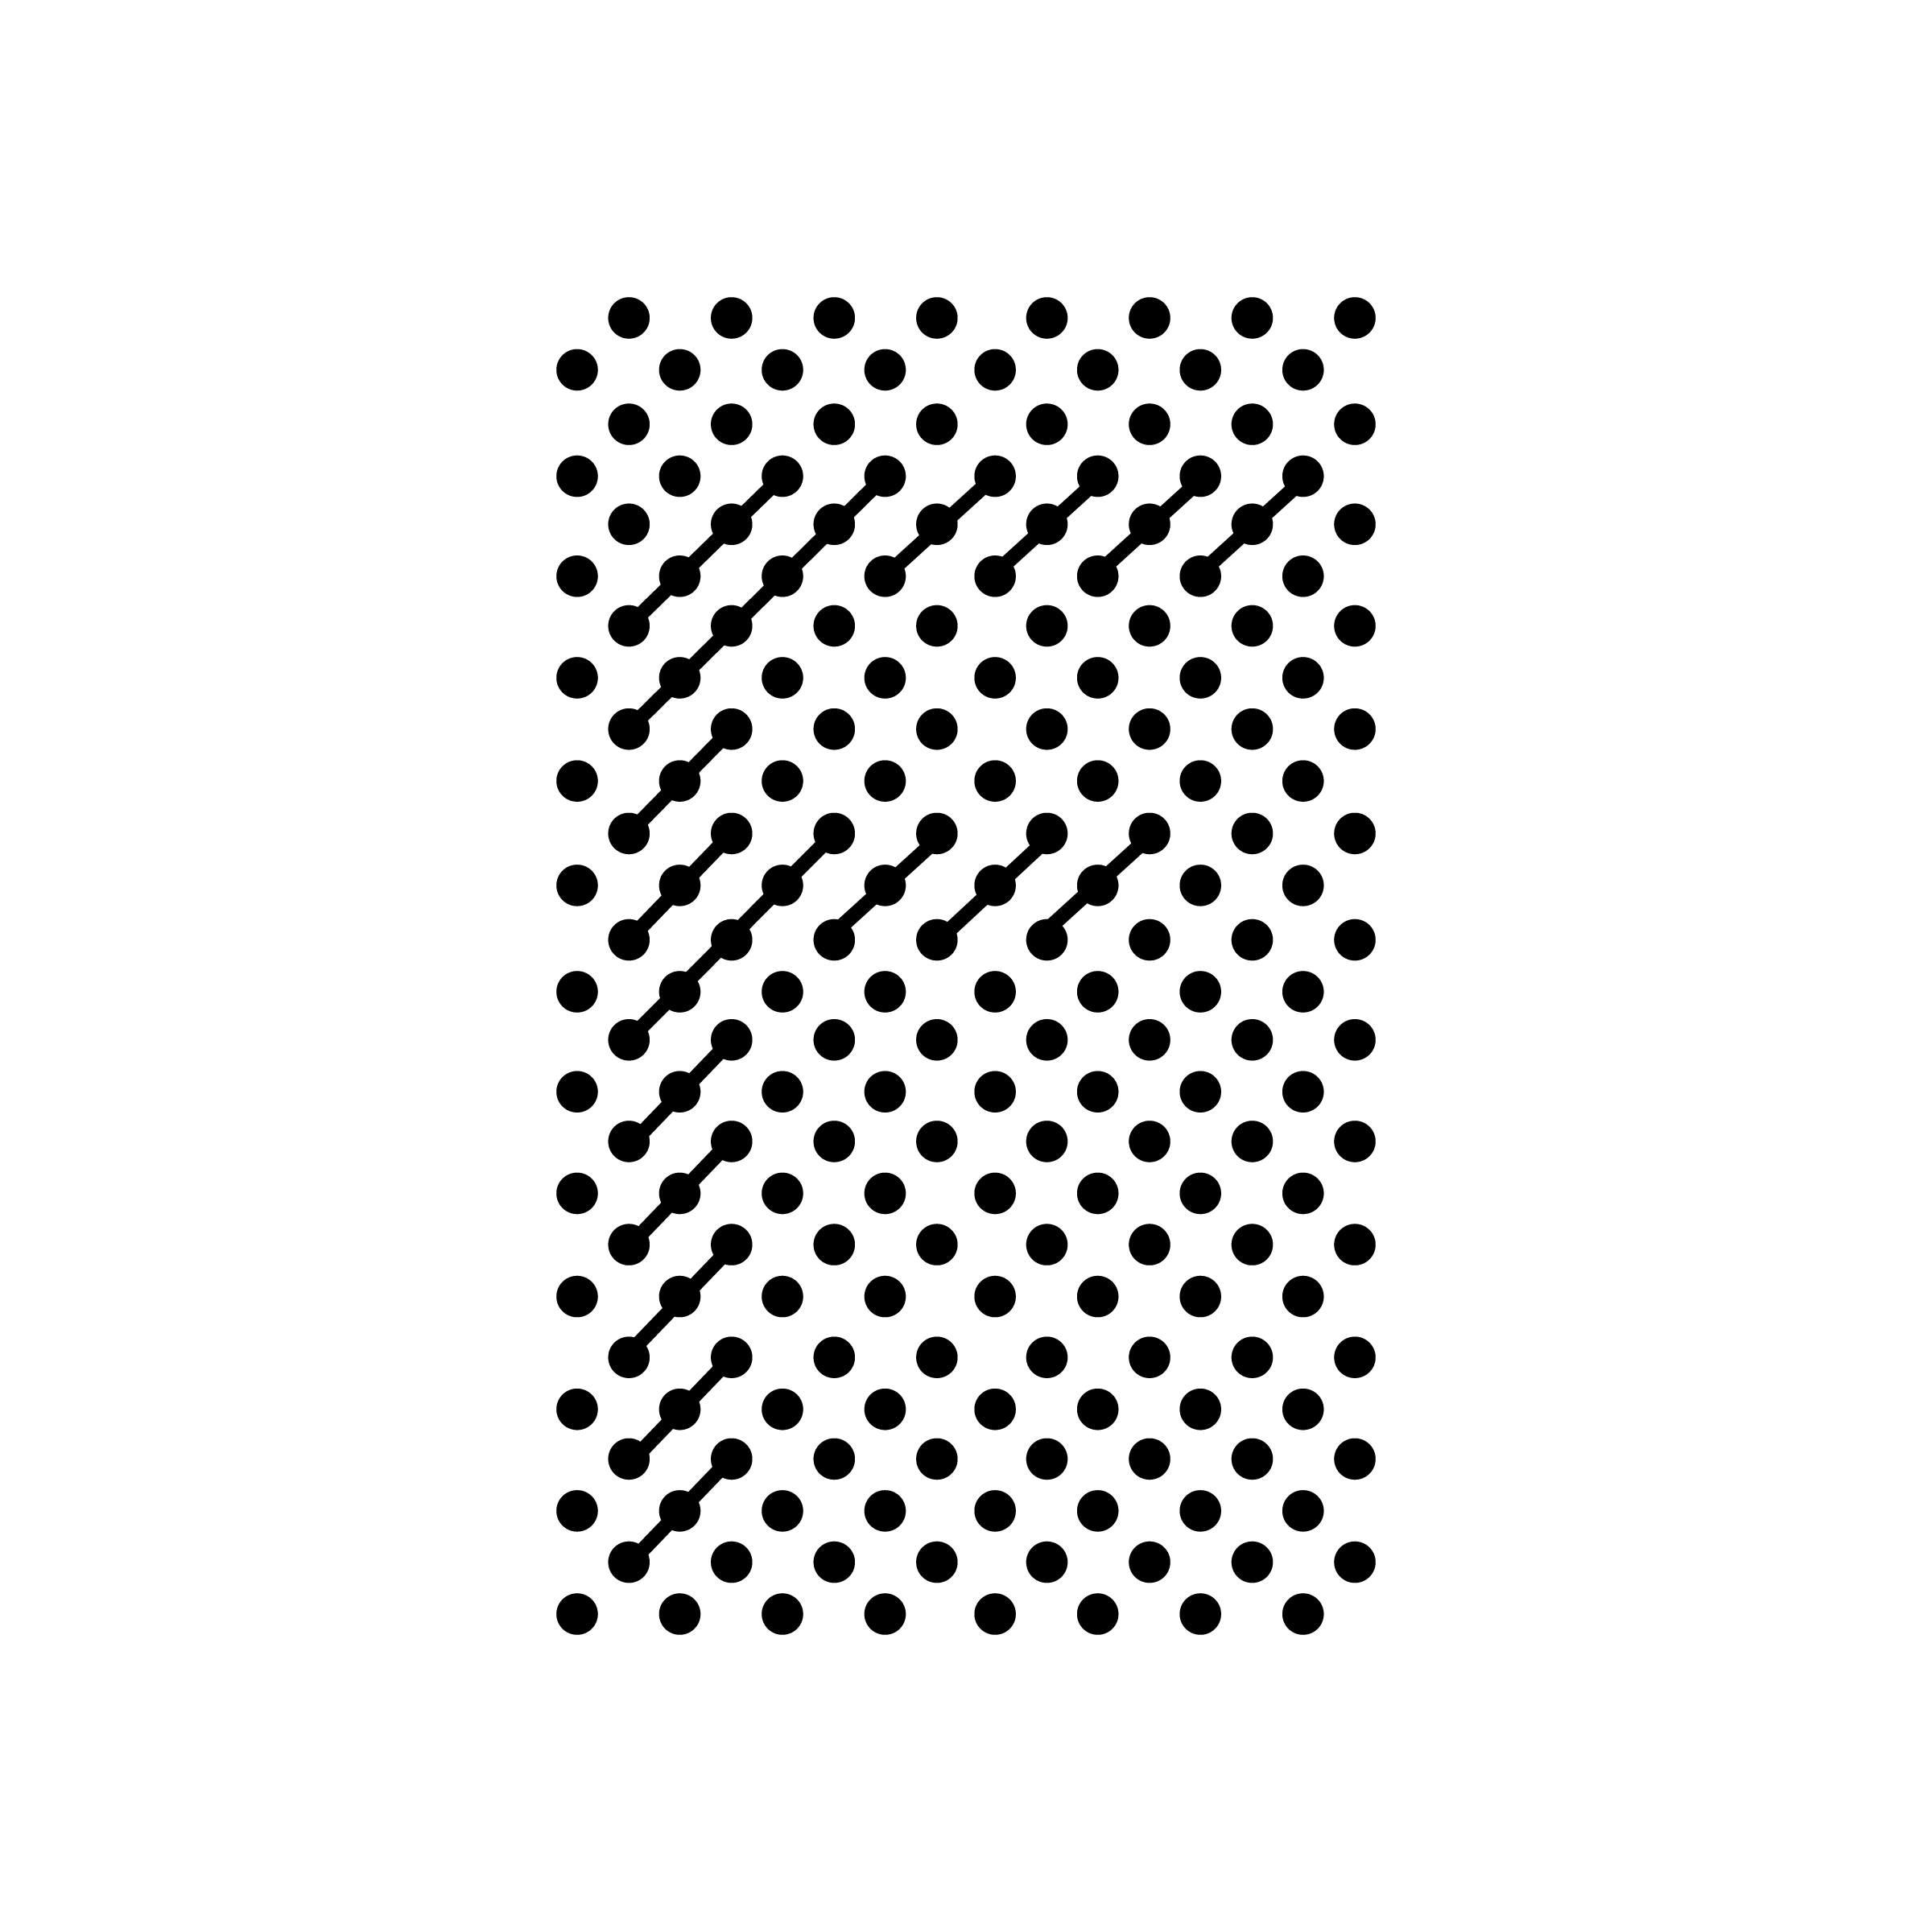 wk 12 logos-21.png